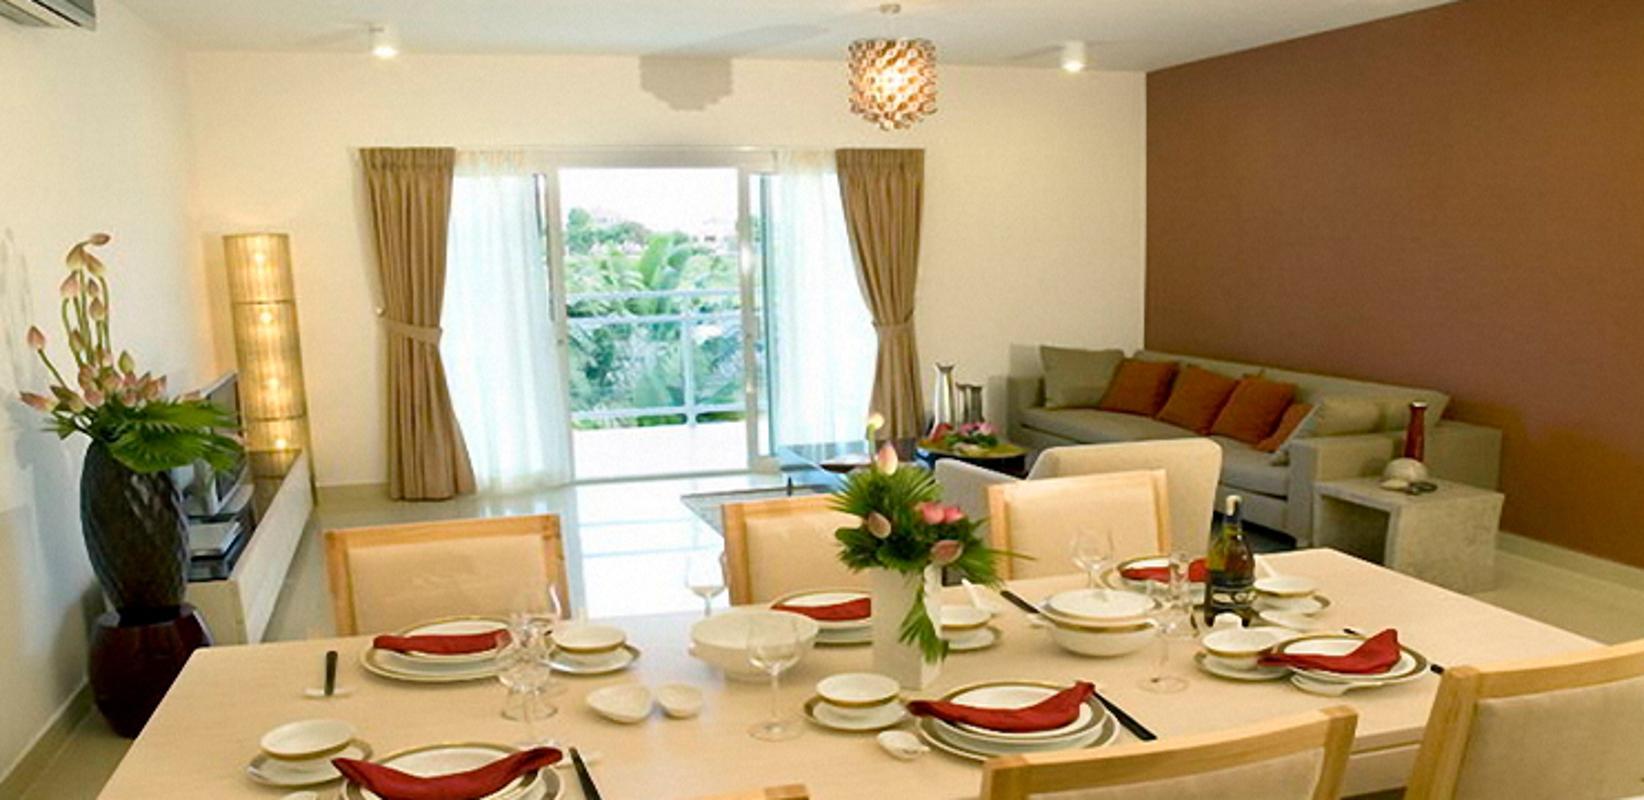 River Garden - Phòng khách kết hợp phòng ăn căn hộ mẫu